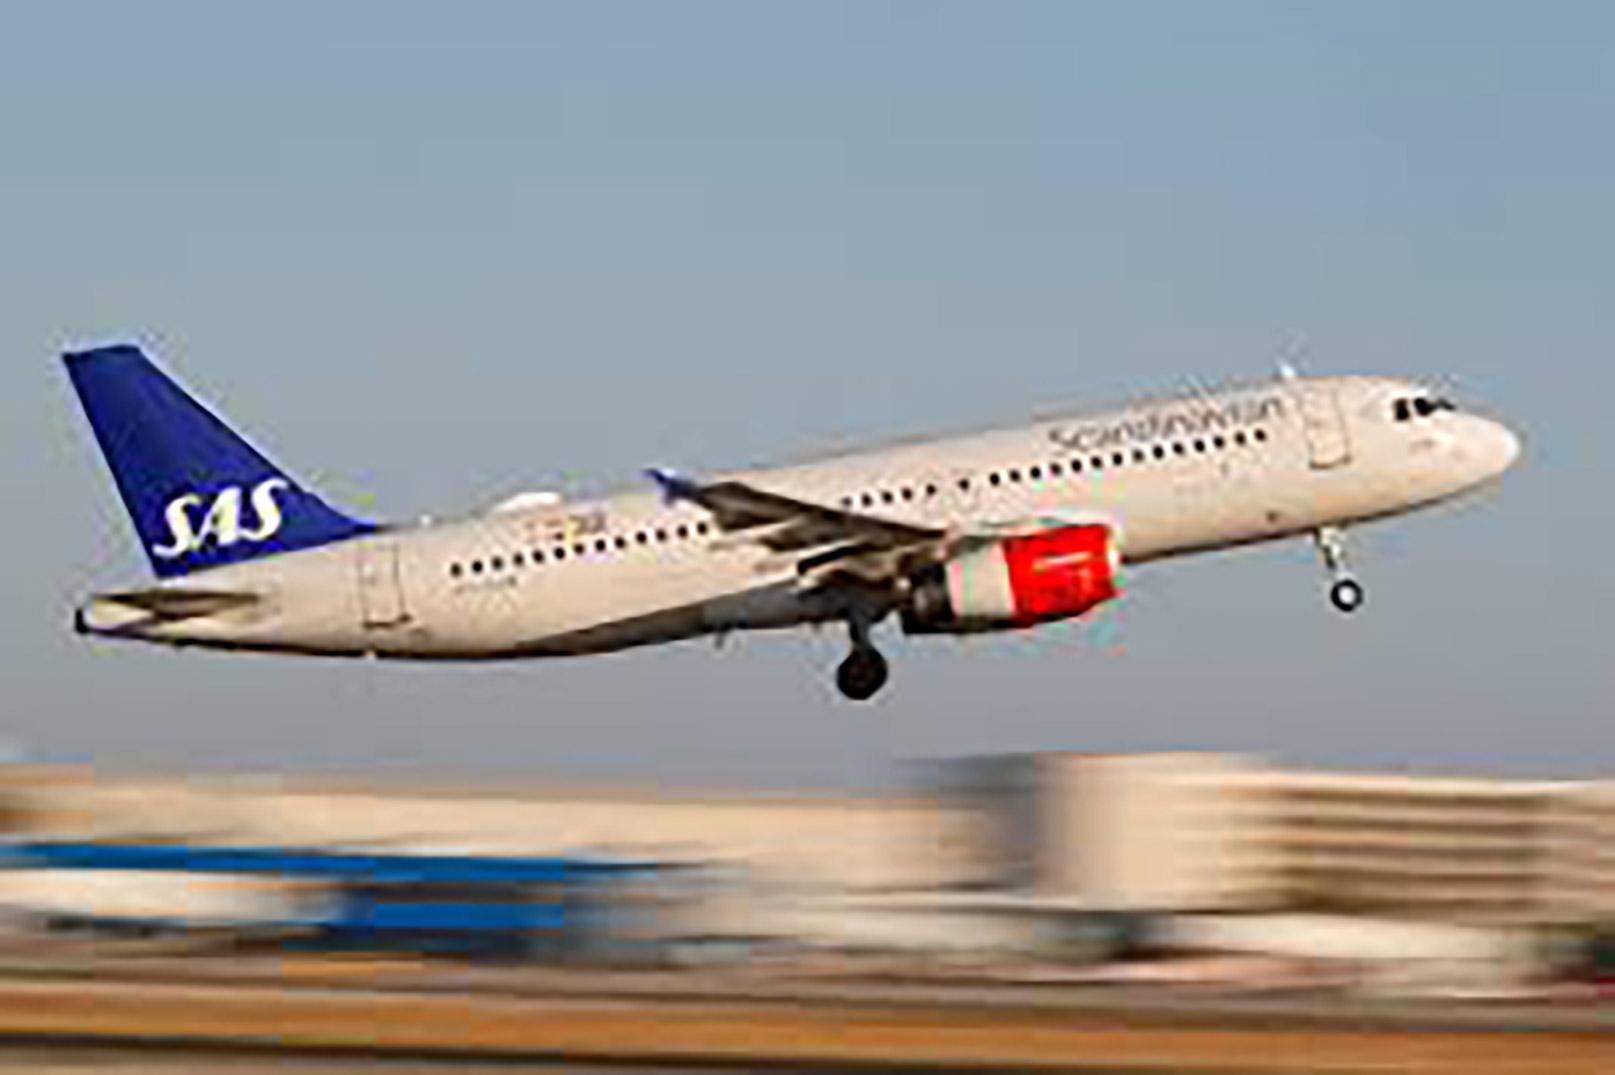 Du kan bruge Valizos bagageservice med de fleste større luftfartsselskaber.